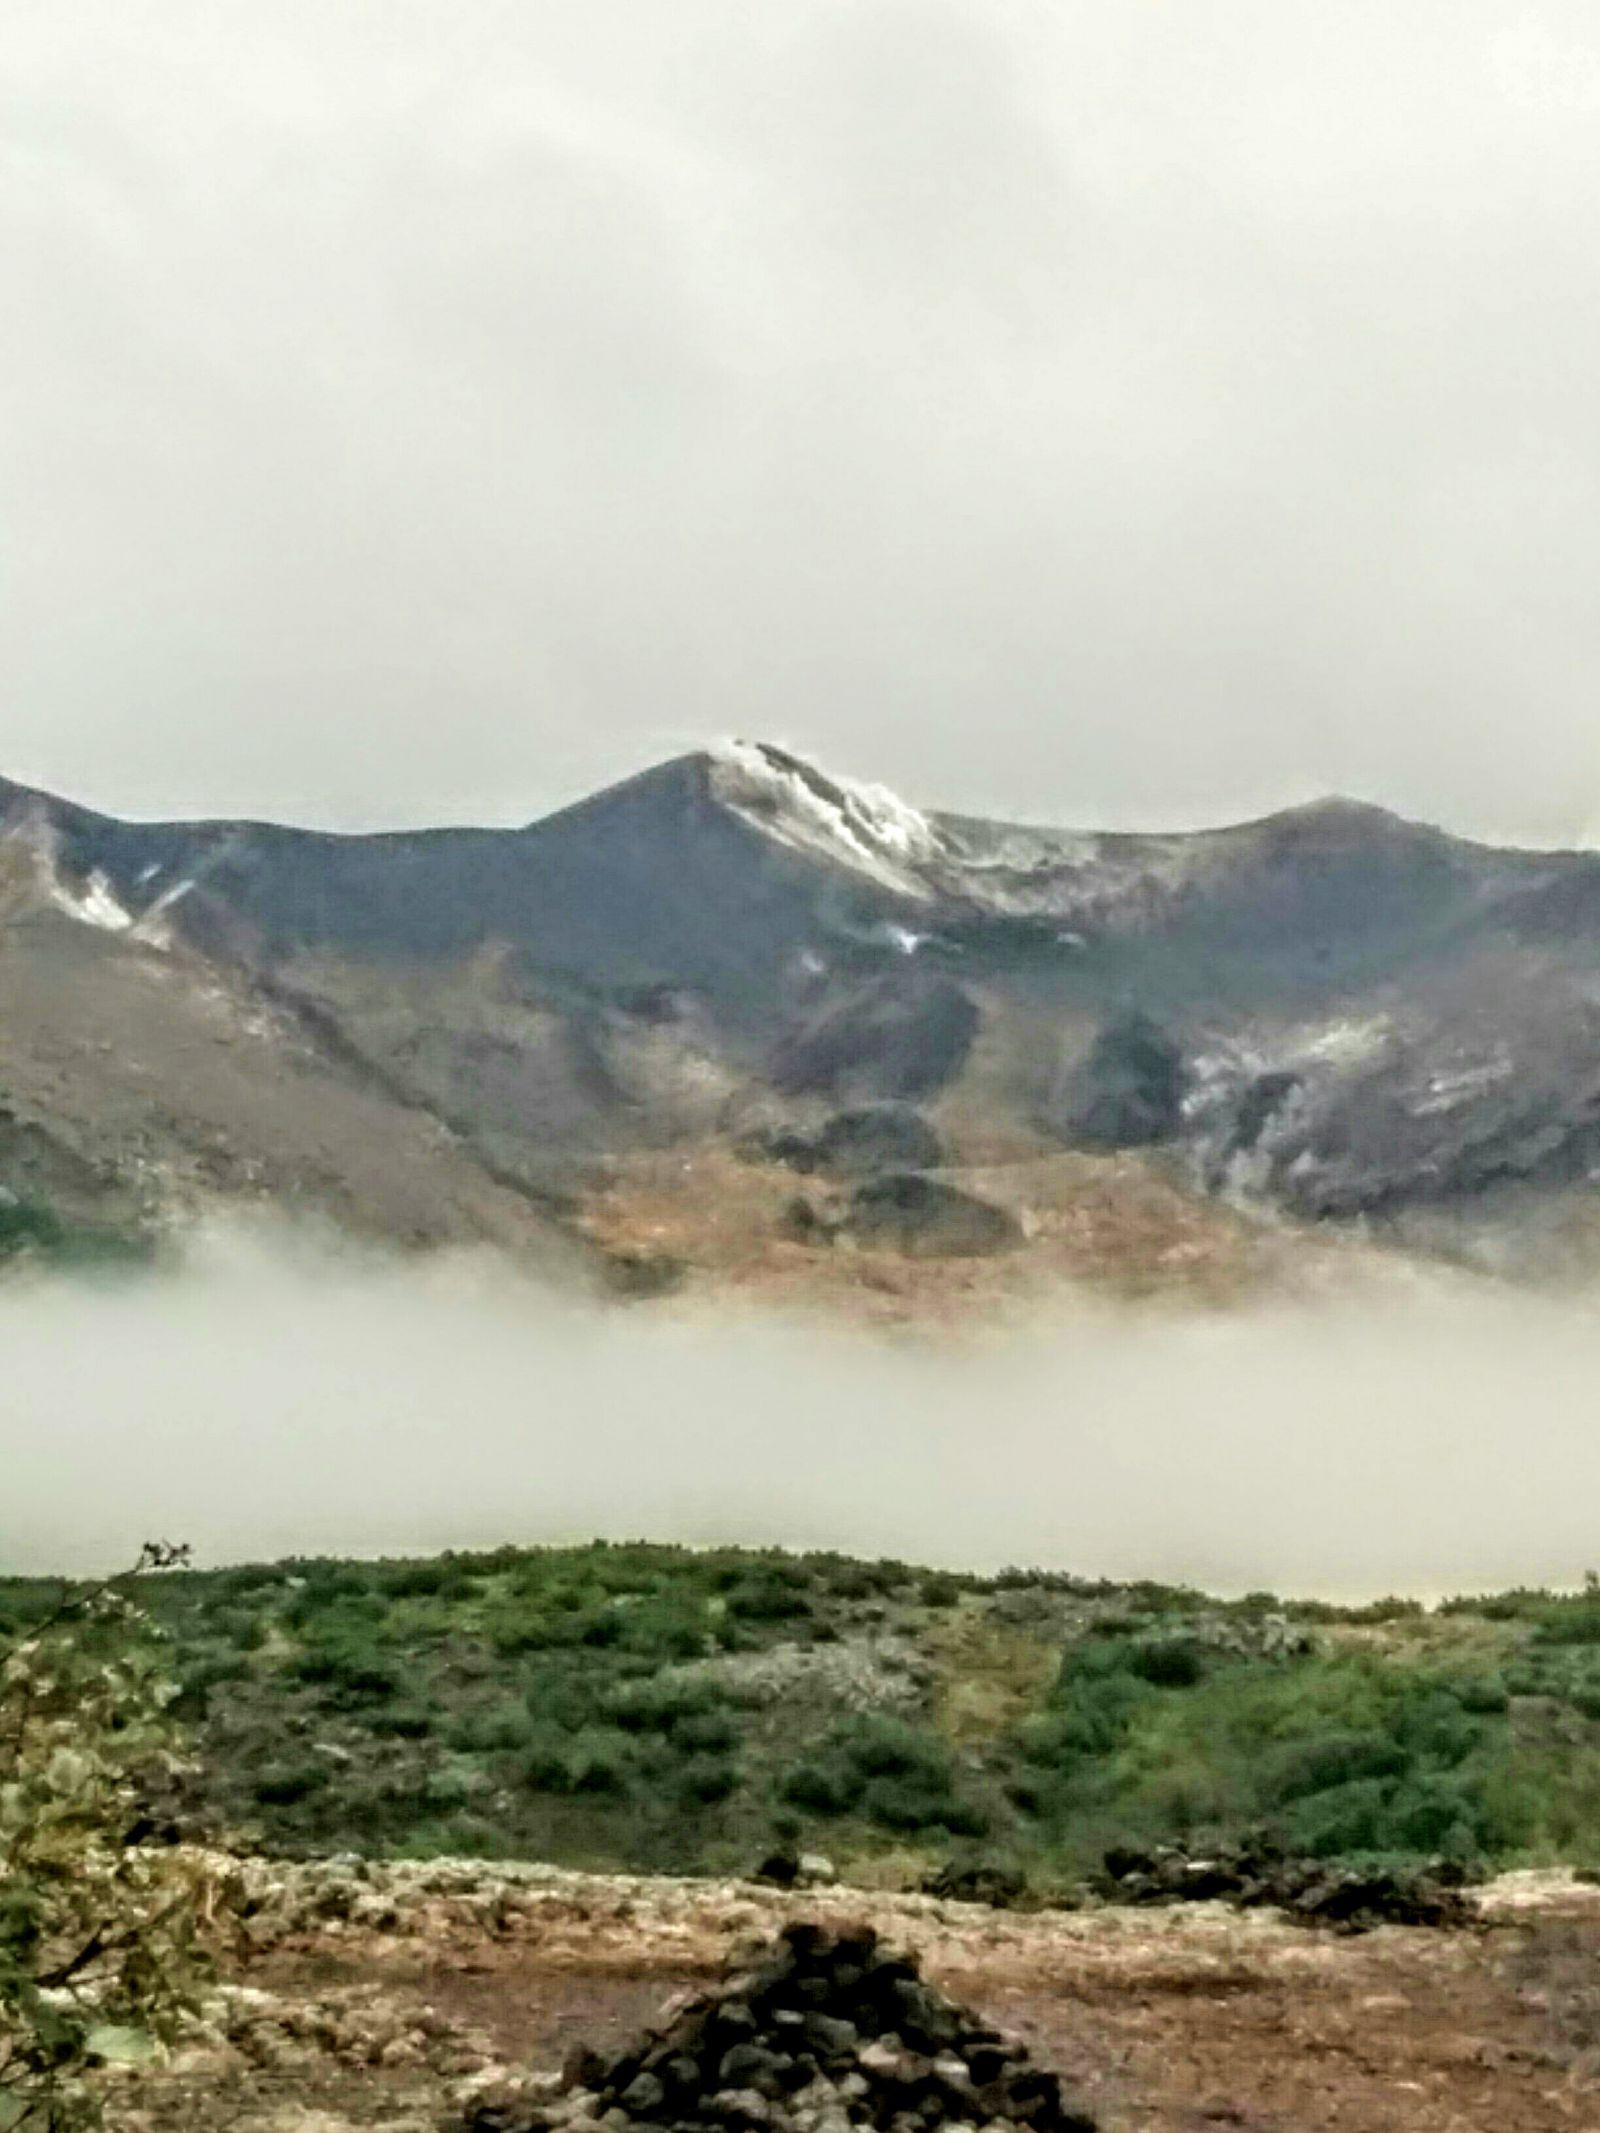 【富良野】富良野・十勝連山の冠雪観光写真です。